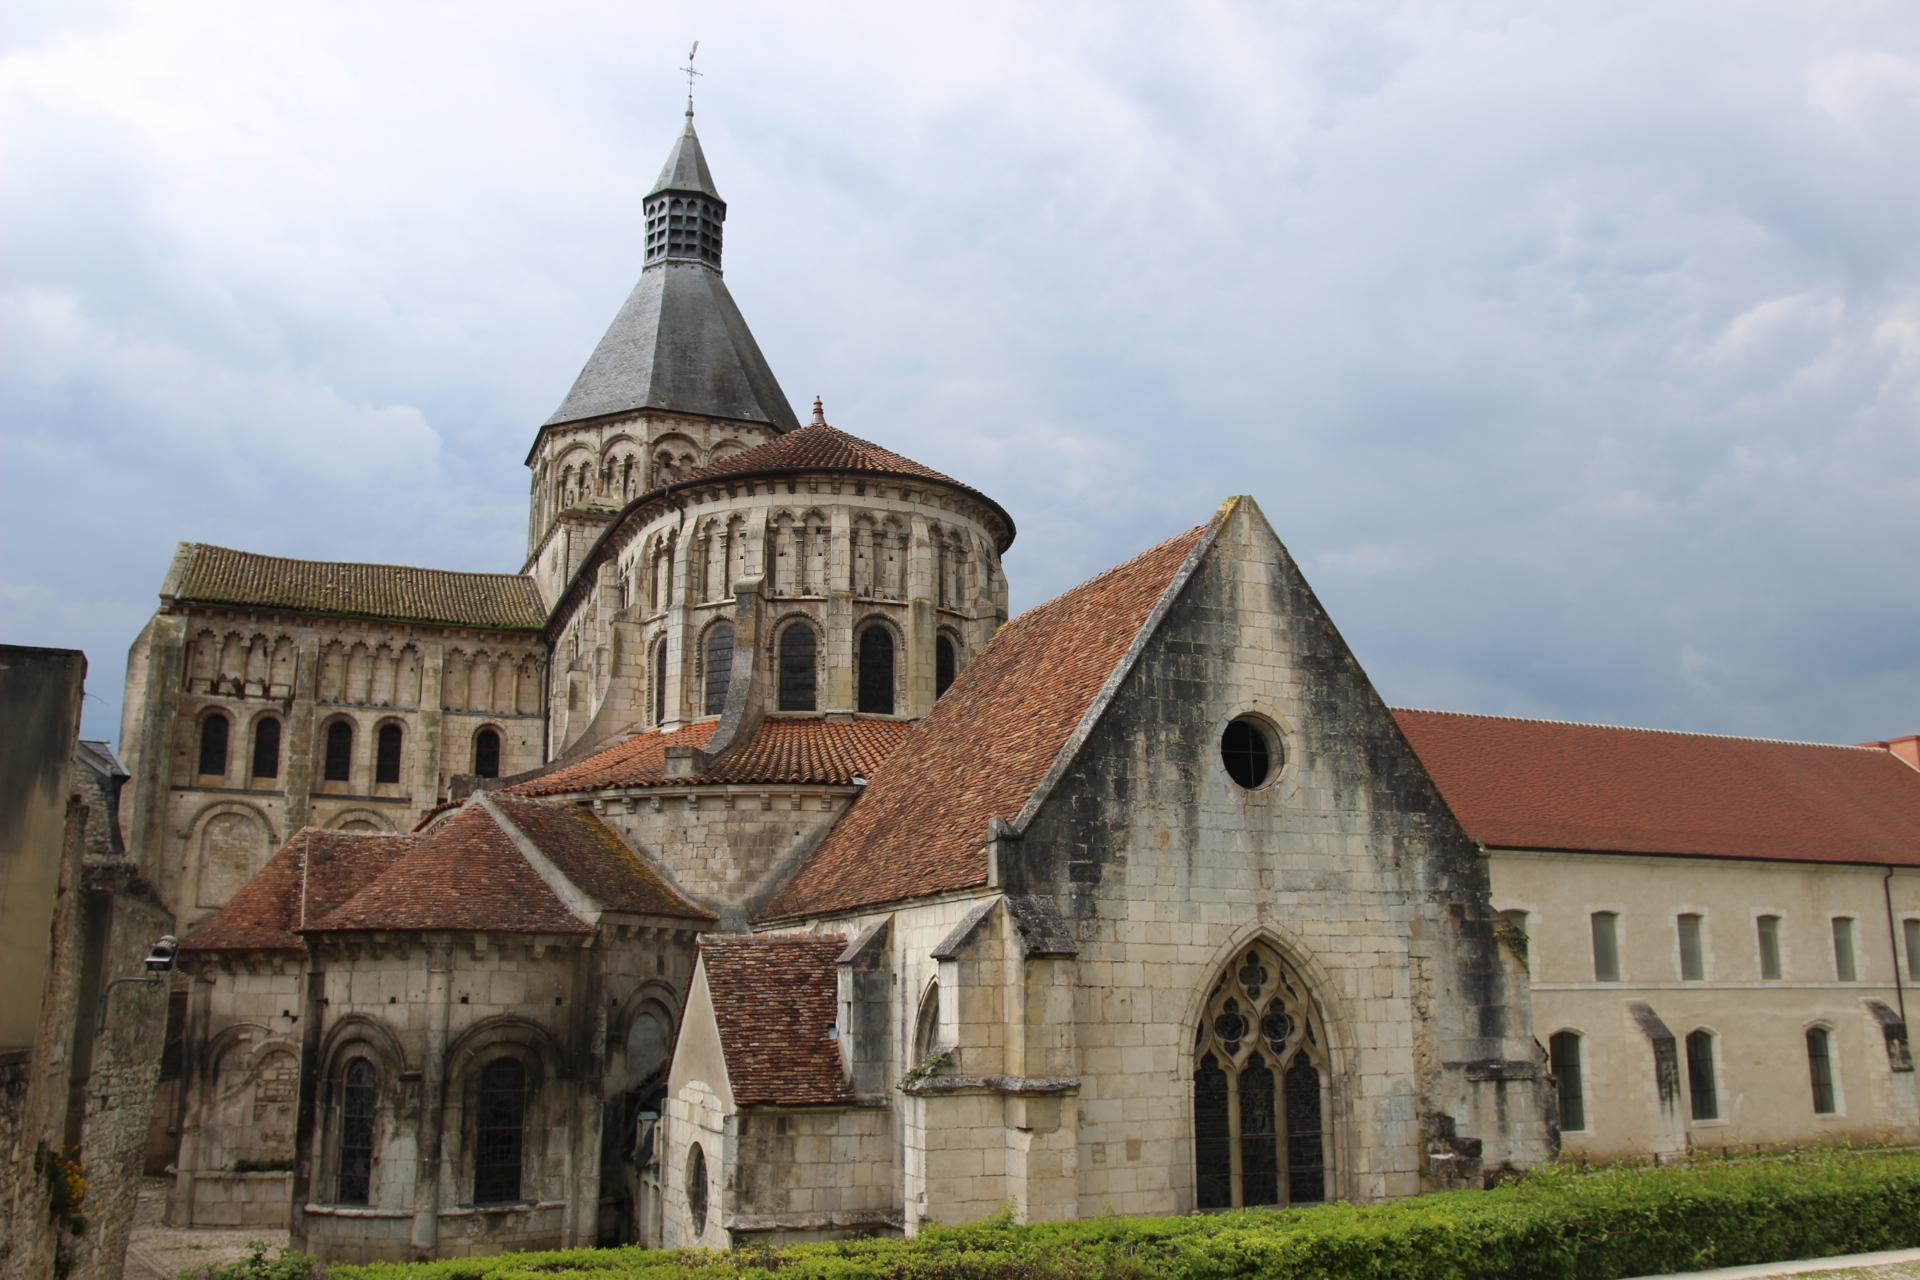 church la charite sur loire -sancerre wine tour